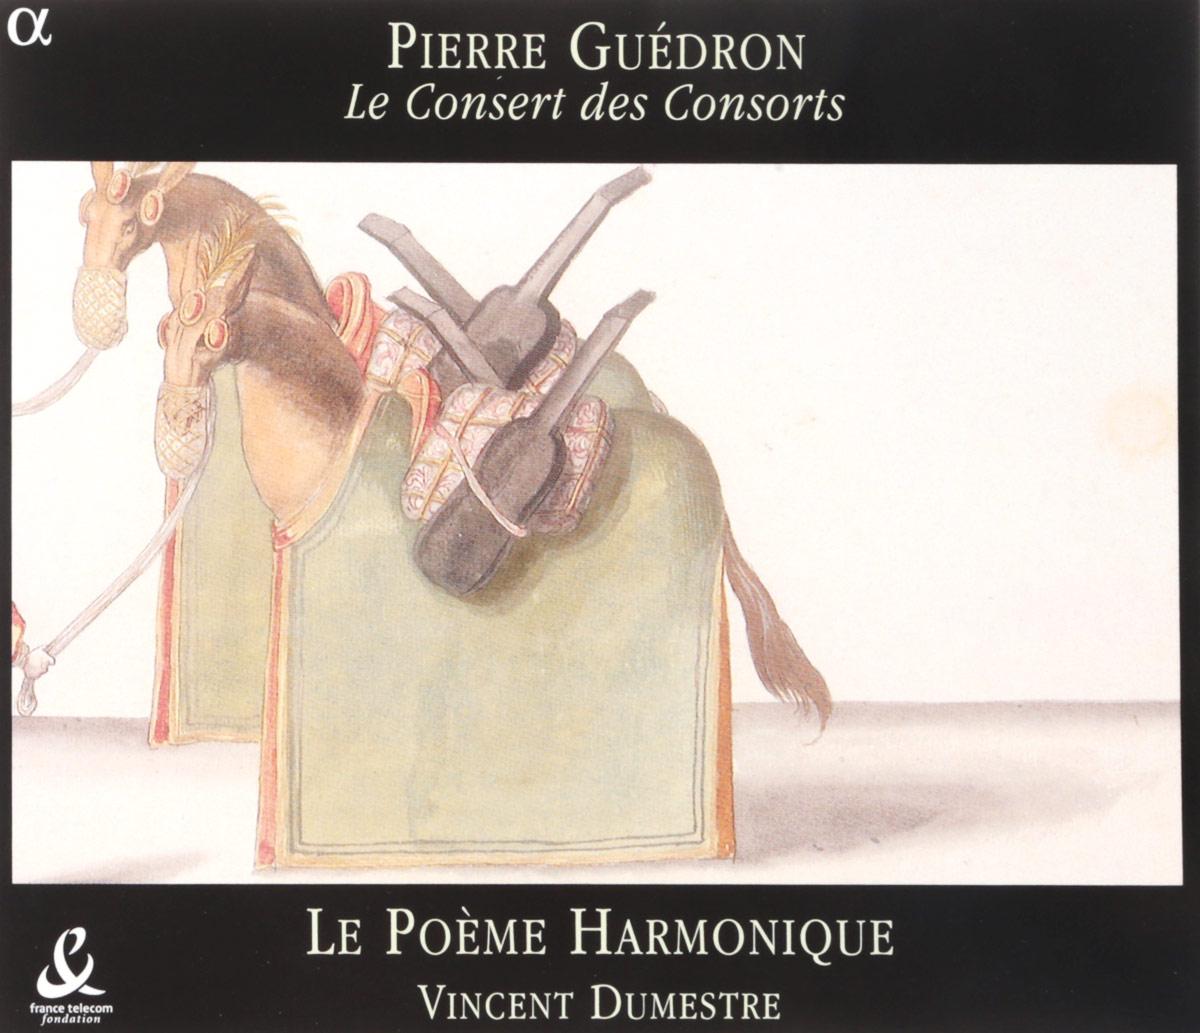 VARIOUS. GUEDRON, PIERRE/ AIRS DE COUR ET CHANSONS / LE POEME HARMONIQUE/ V. DUMESTRE. 1